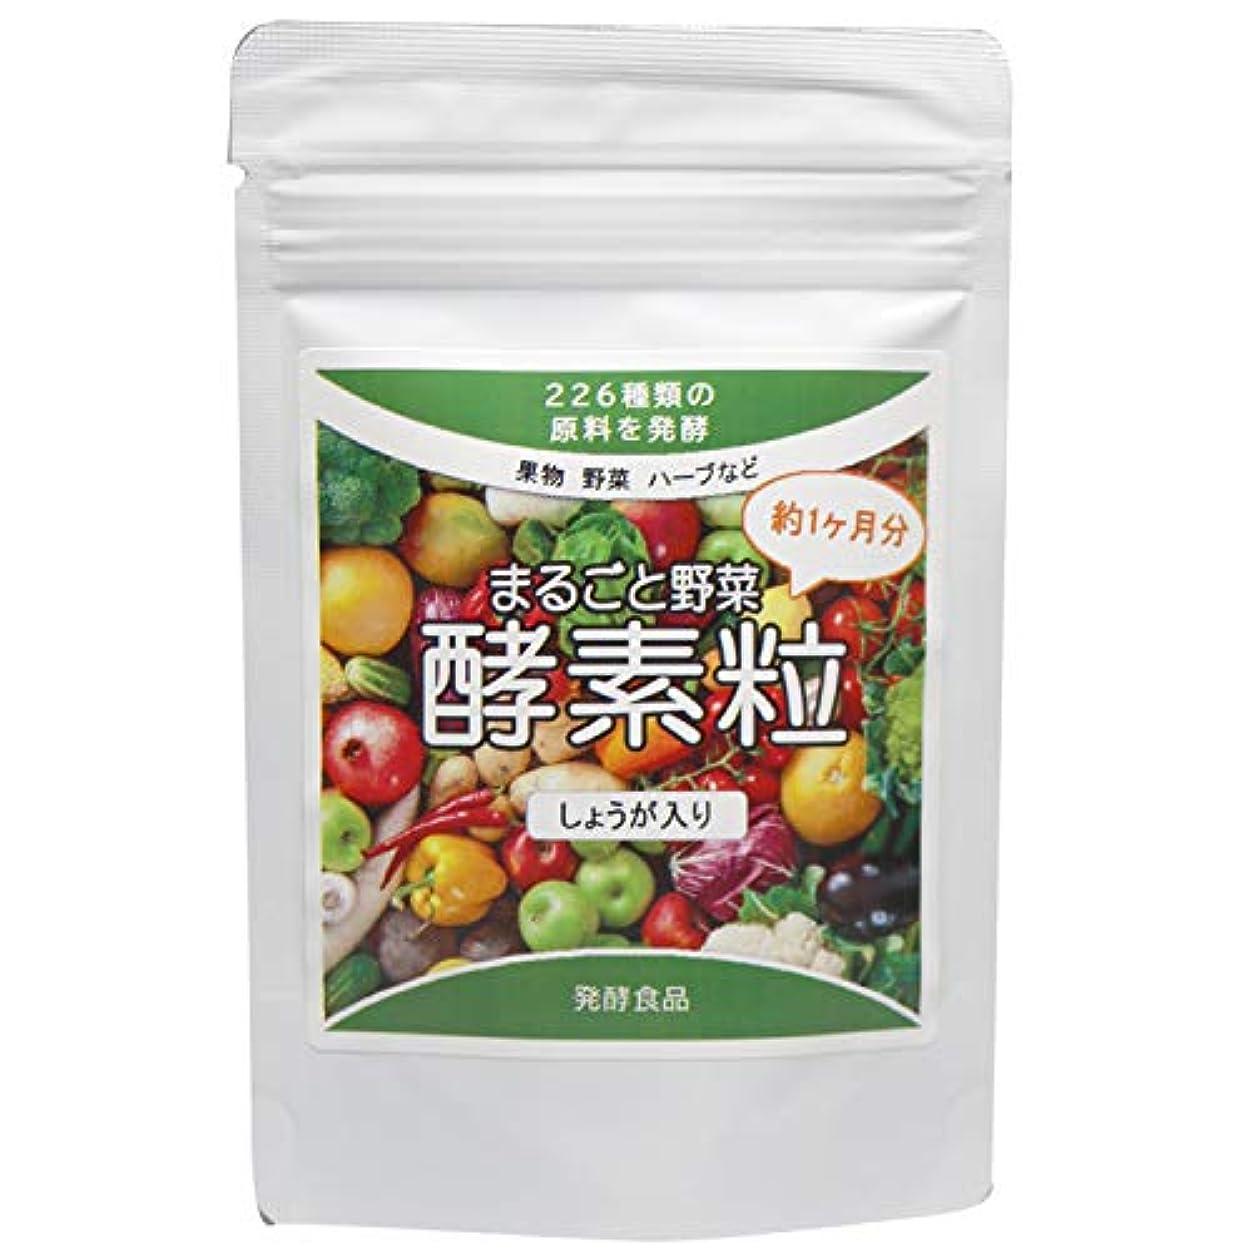 顎バンク農場まるごと野菜酵素粒 226種類の野菜発酵(しょうが入り) 約4ヶ月分 (440mg×120粒)